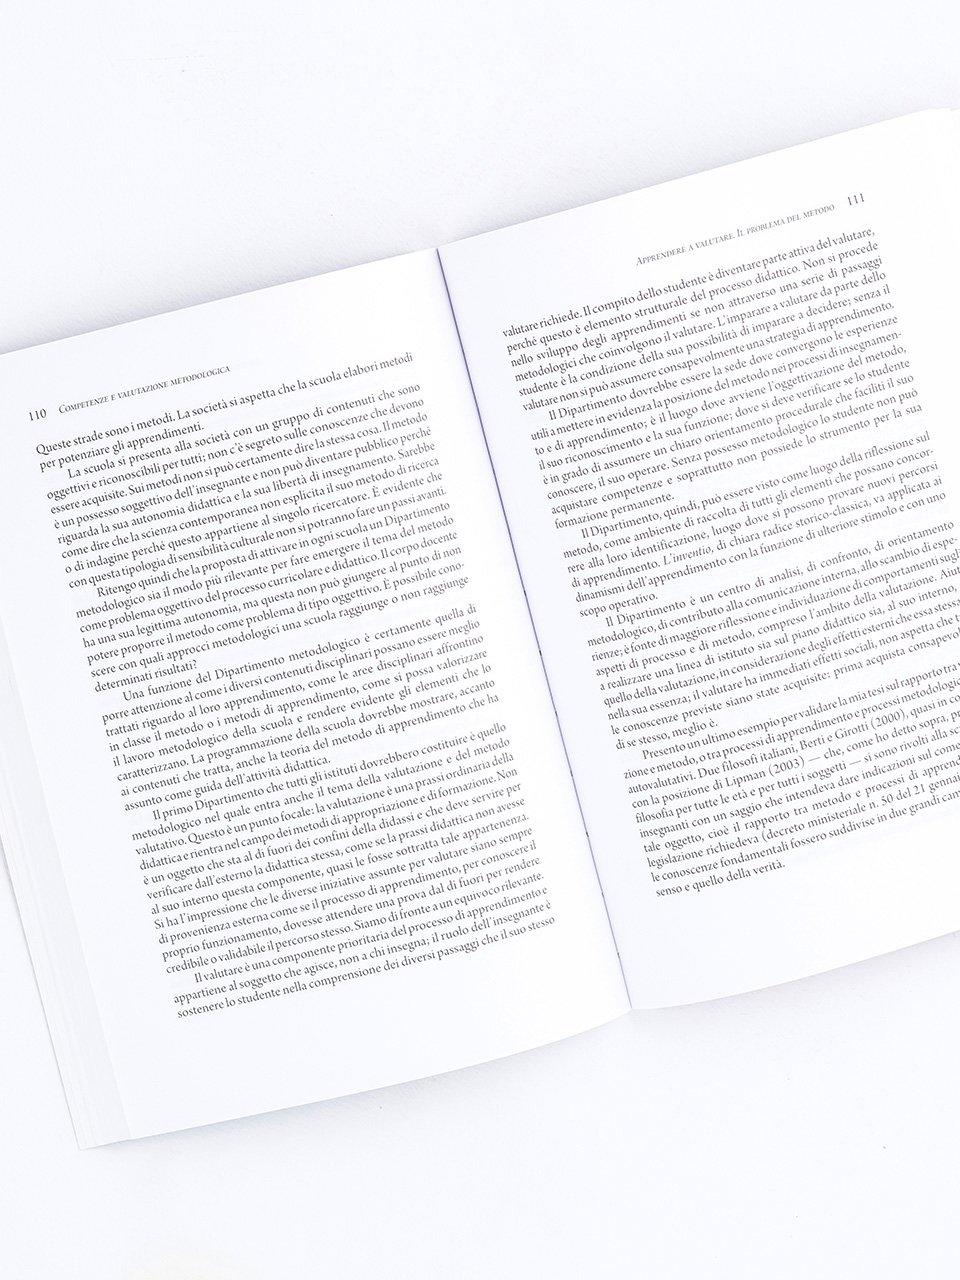 Competenze e valutazione metodologica - Libri - Erickson 2